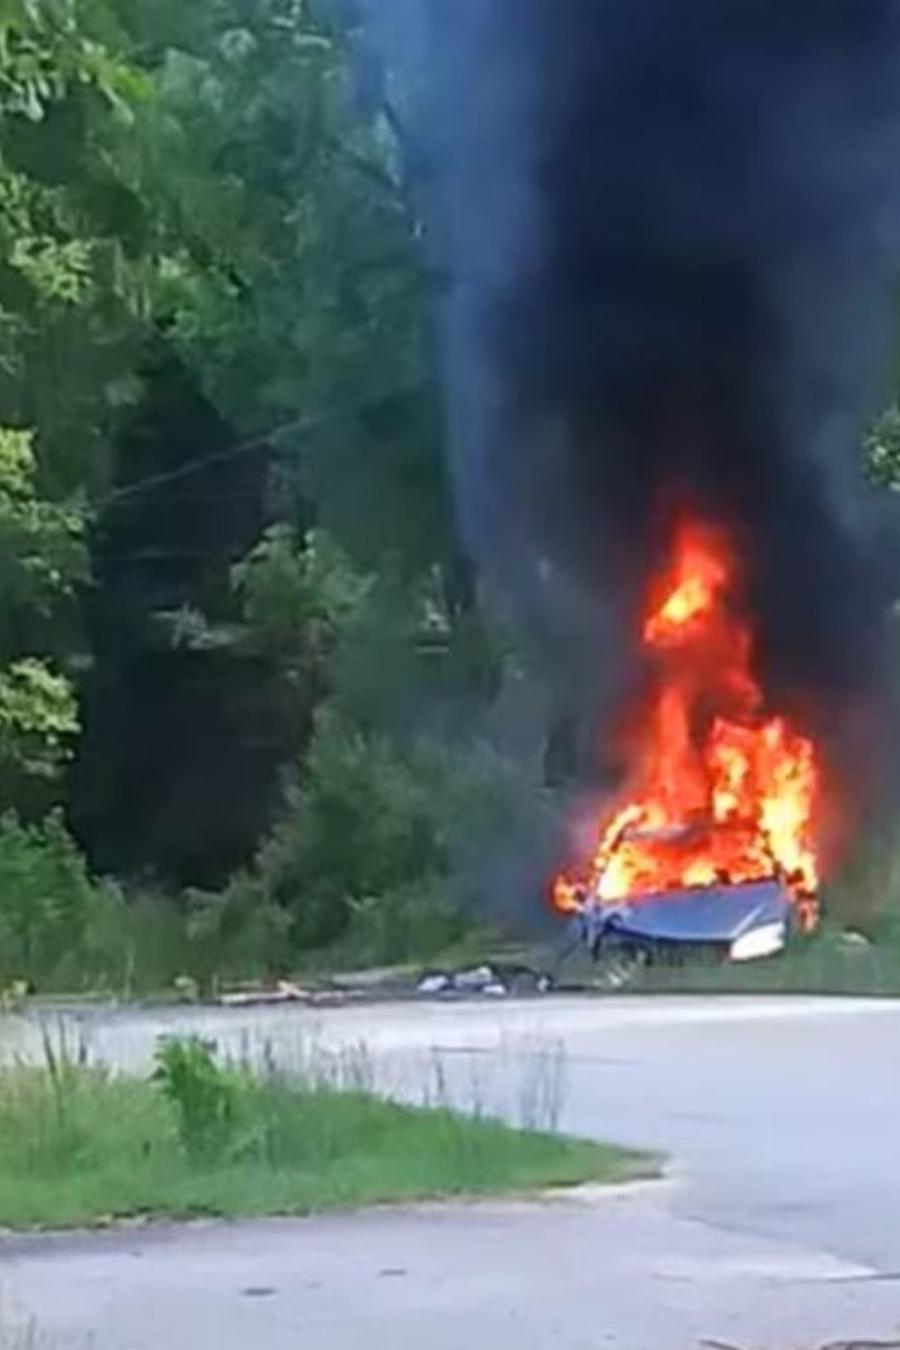 Un automóvil en llamas después de una persecución policial en el condado de Pickens, Carolina del Sur, que terminó con el arresto de una mujer el jueves 14 de mayo de 2021.